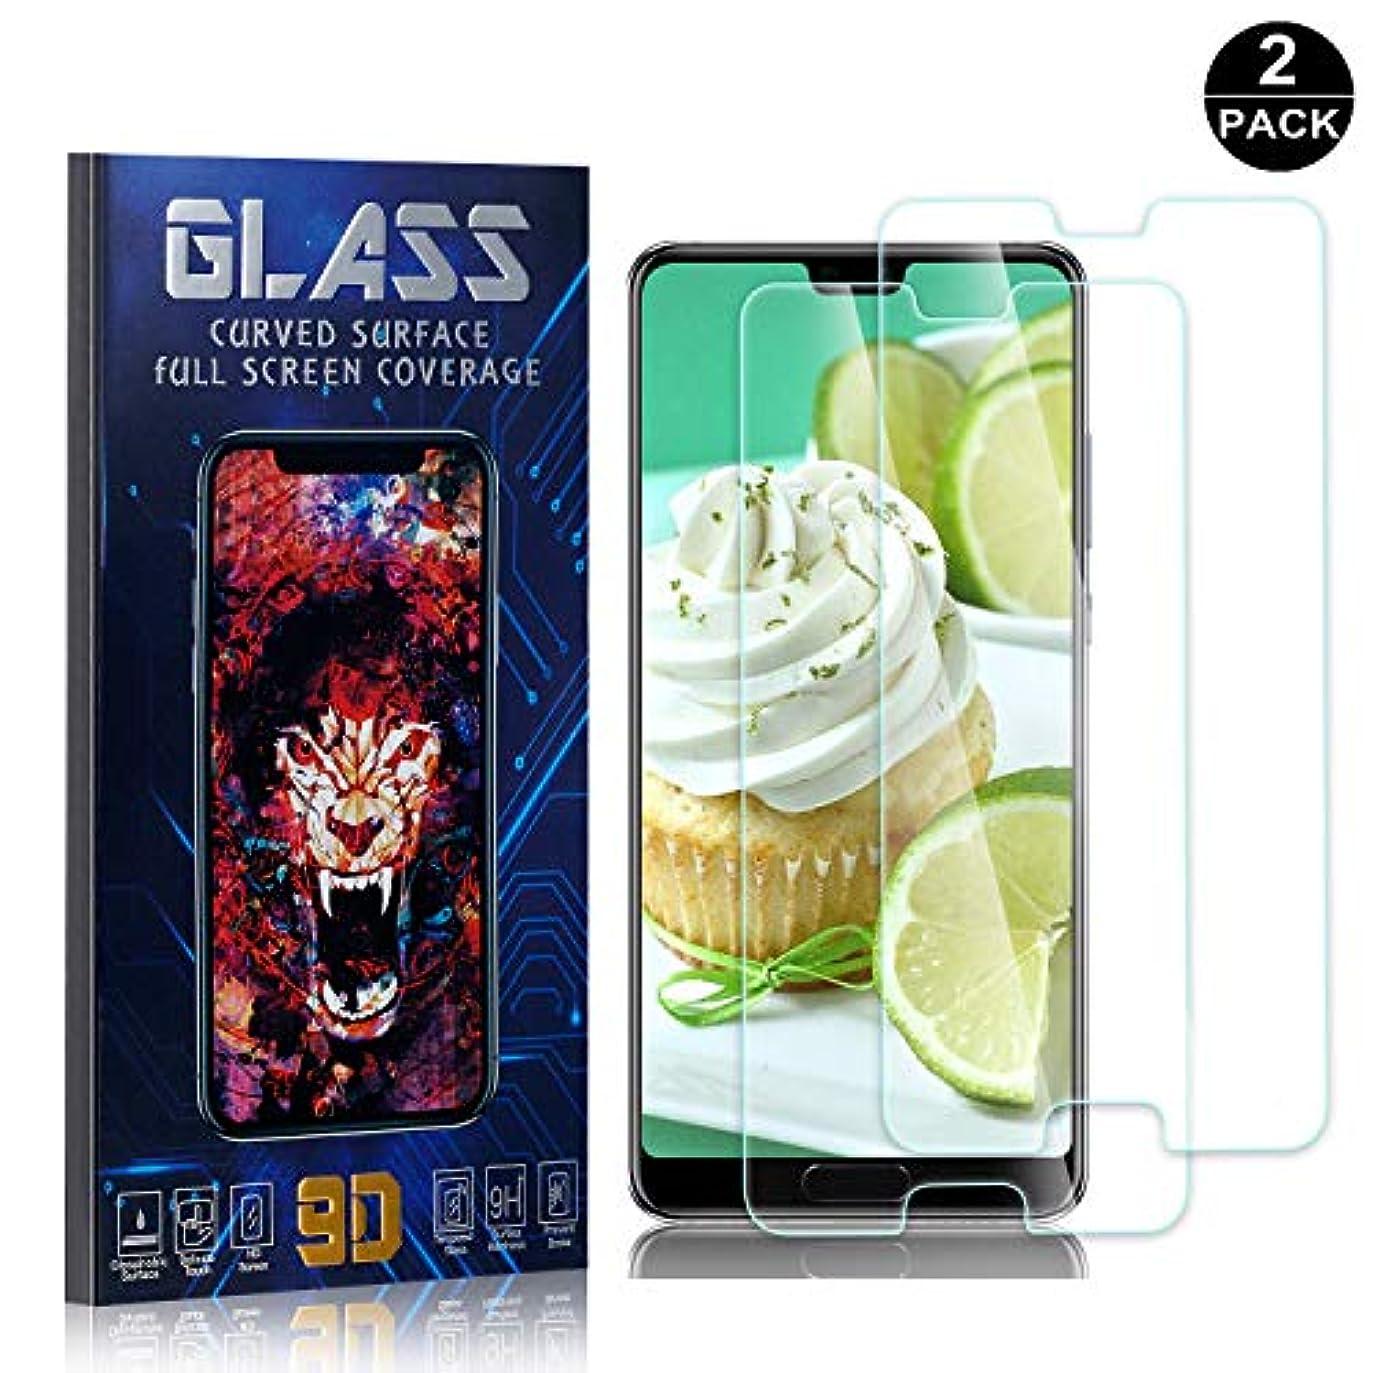 煙突統計追加【2枚セット】 Huawei P20 超薄 フィルム CUNUS Huawei P20 専用設計 硬度9H 耐衝撃 強化ガラスフィルム 気泡防止 飛散防止 超薄0.26mm 高透明度で 液晶保護フィルム